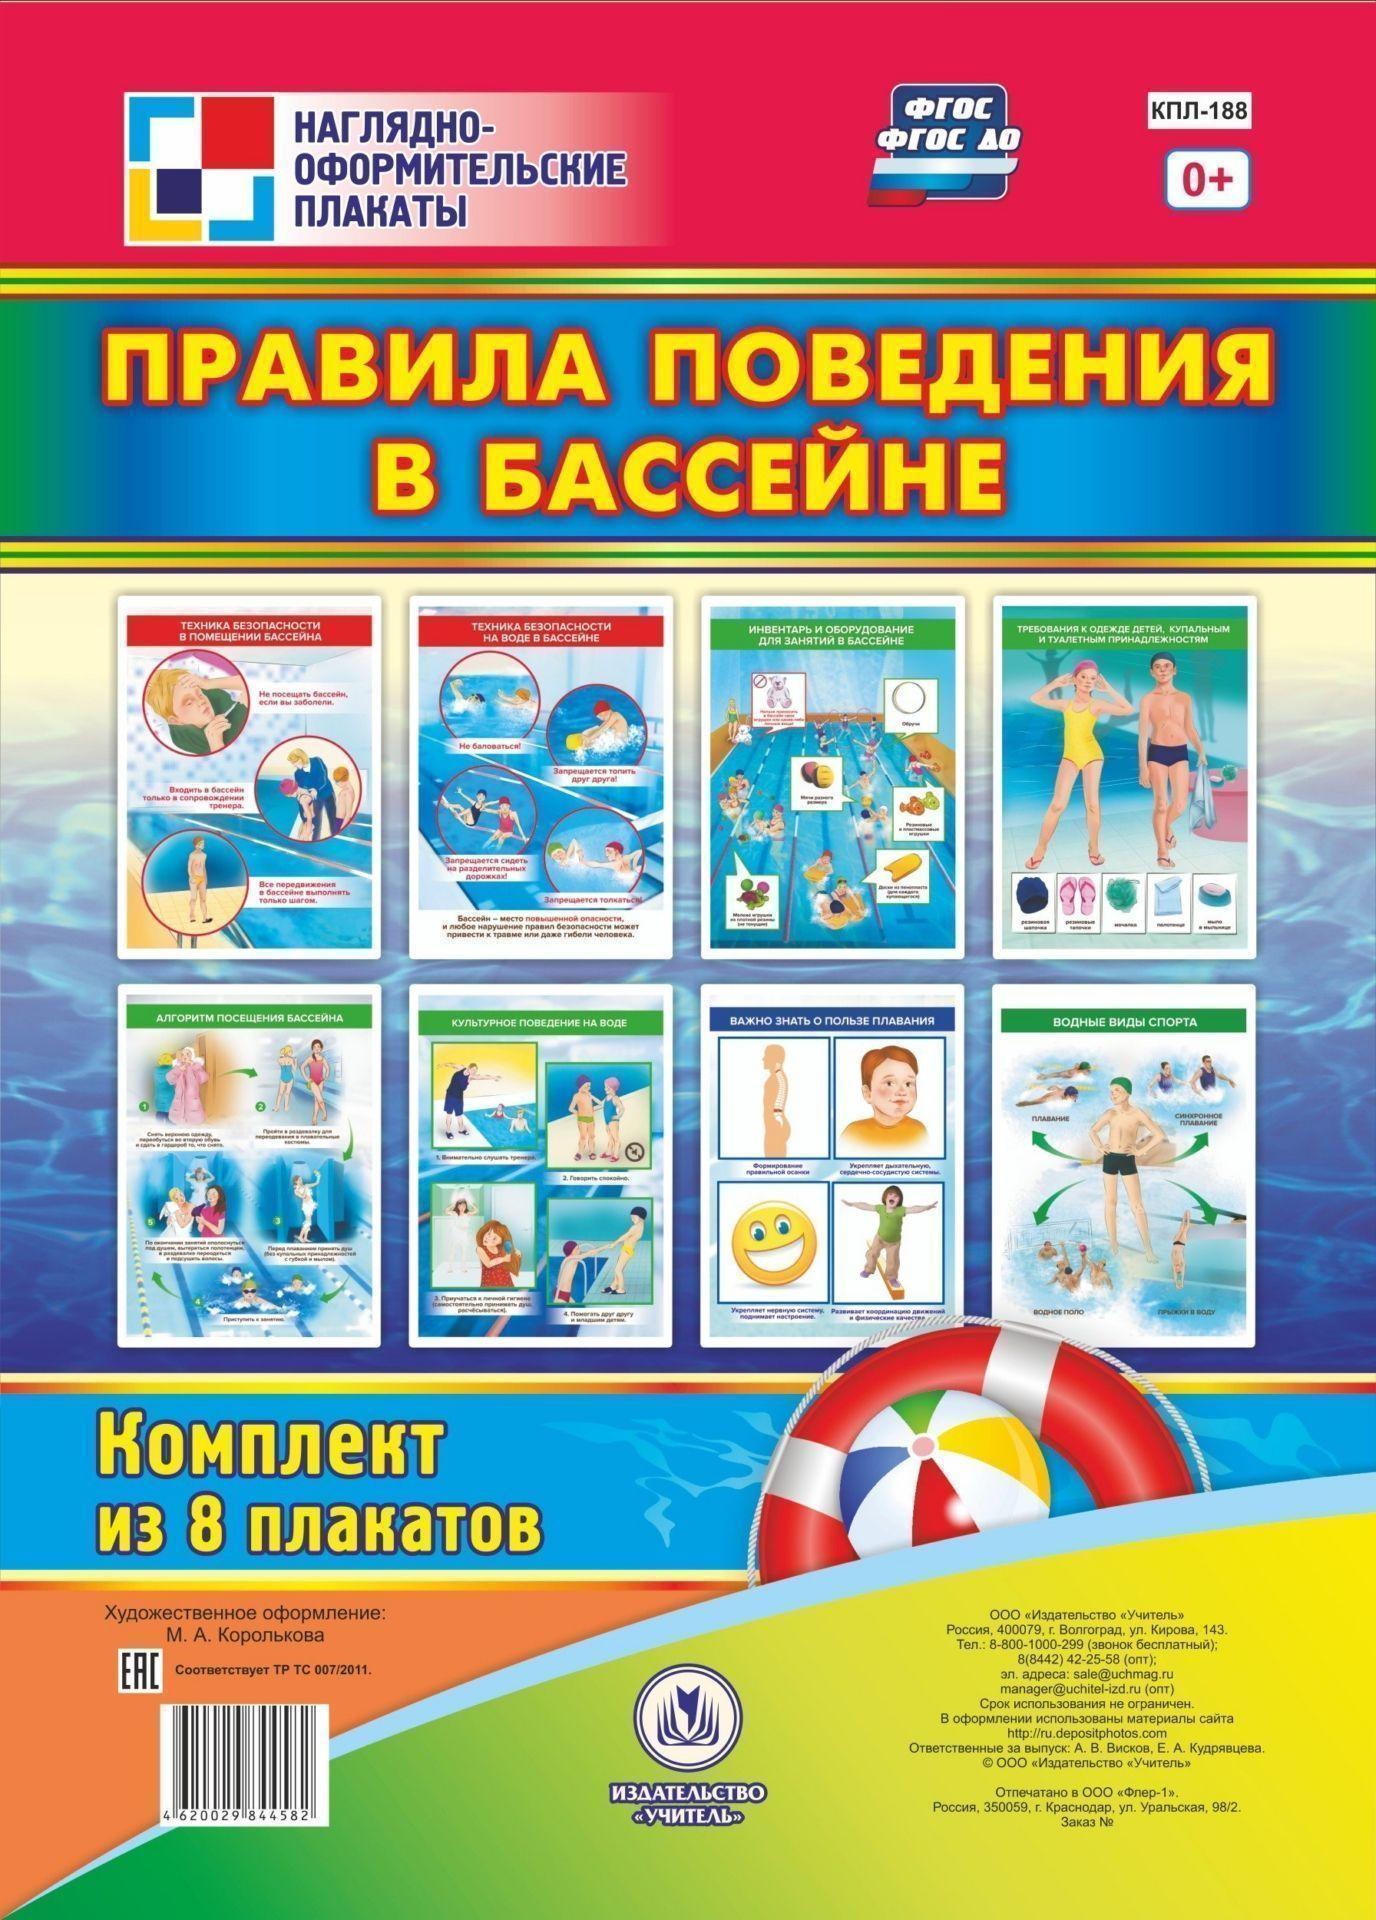 Правила поведения в бассейнеТематические плакаты<br>В комплекте представлены 8 плакатов по технике безопасности в бассейне. Предложенные материалы помогут создать безопасные условия пребывания детей в бассейне. Это возможность воспитывающим взрослым, инструкторам по физической культуре, инструкторам по пла...<br><br>Год: 2018<br>Серия: Наглядно-оформительские плакаты<br>Высота: 297<br>Ширина: 210<br>Толщина: 3<br>Переплёт: набор